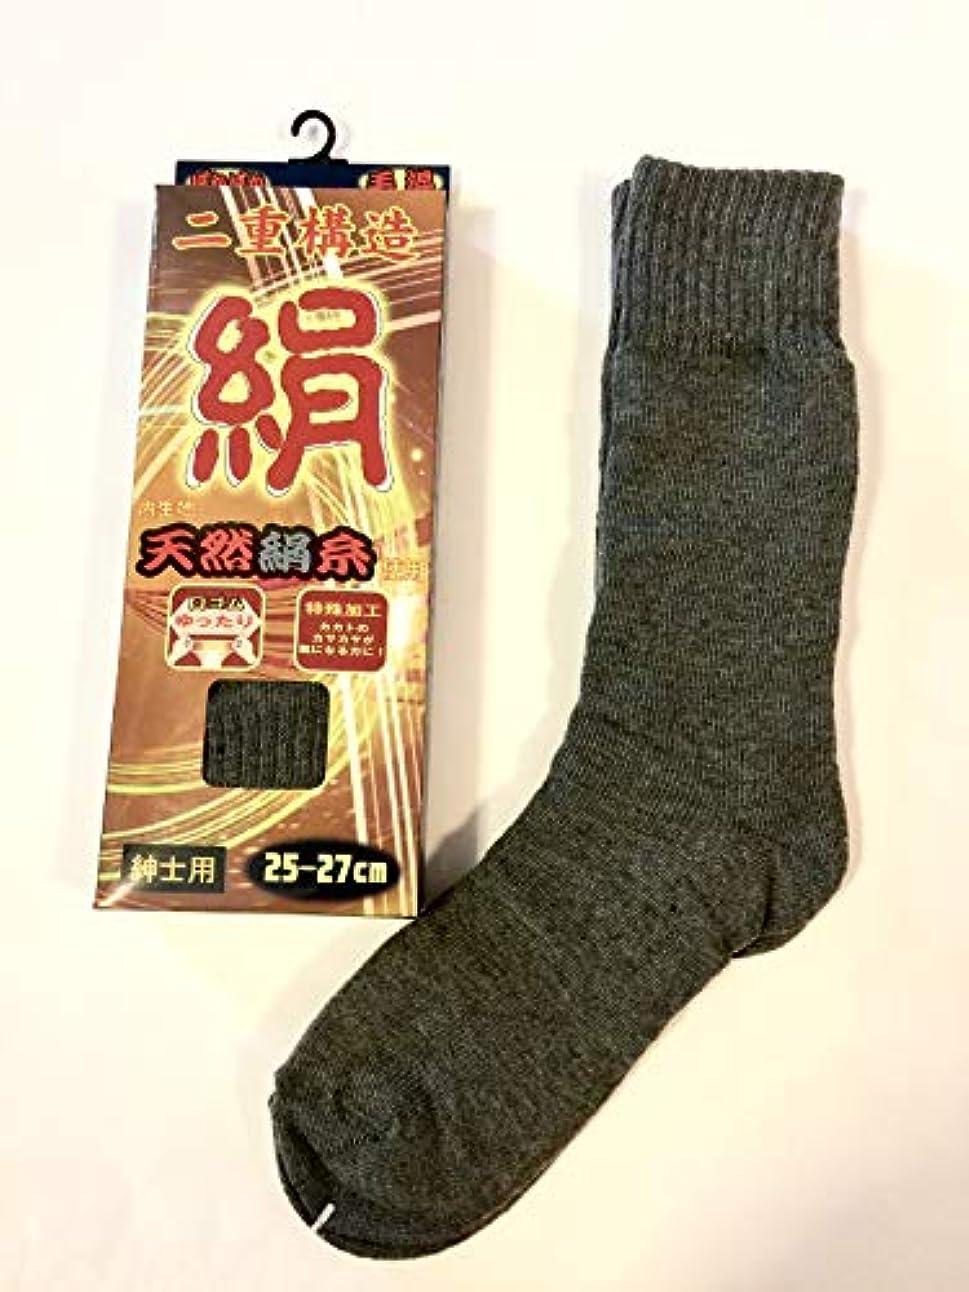 オーバーヘッド繁雑敬意靴下 あったか 紳士用 内側シルク 二重編み ソックス 厚手 25-27cm お買得2足組(グレー)